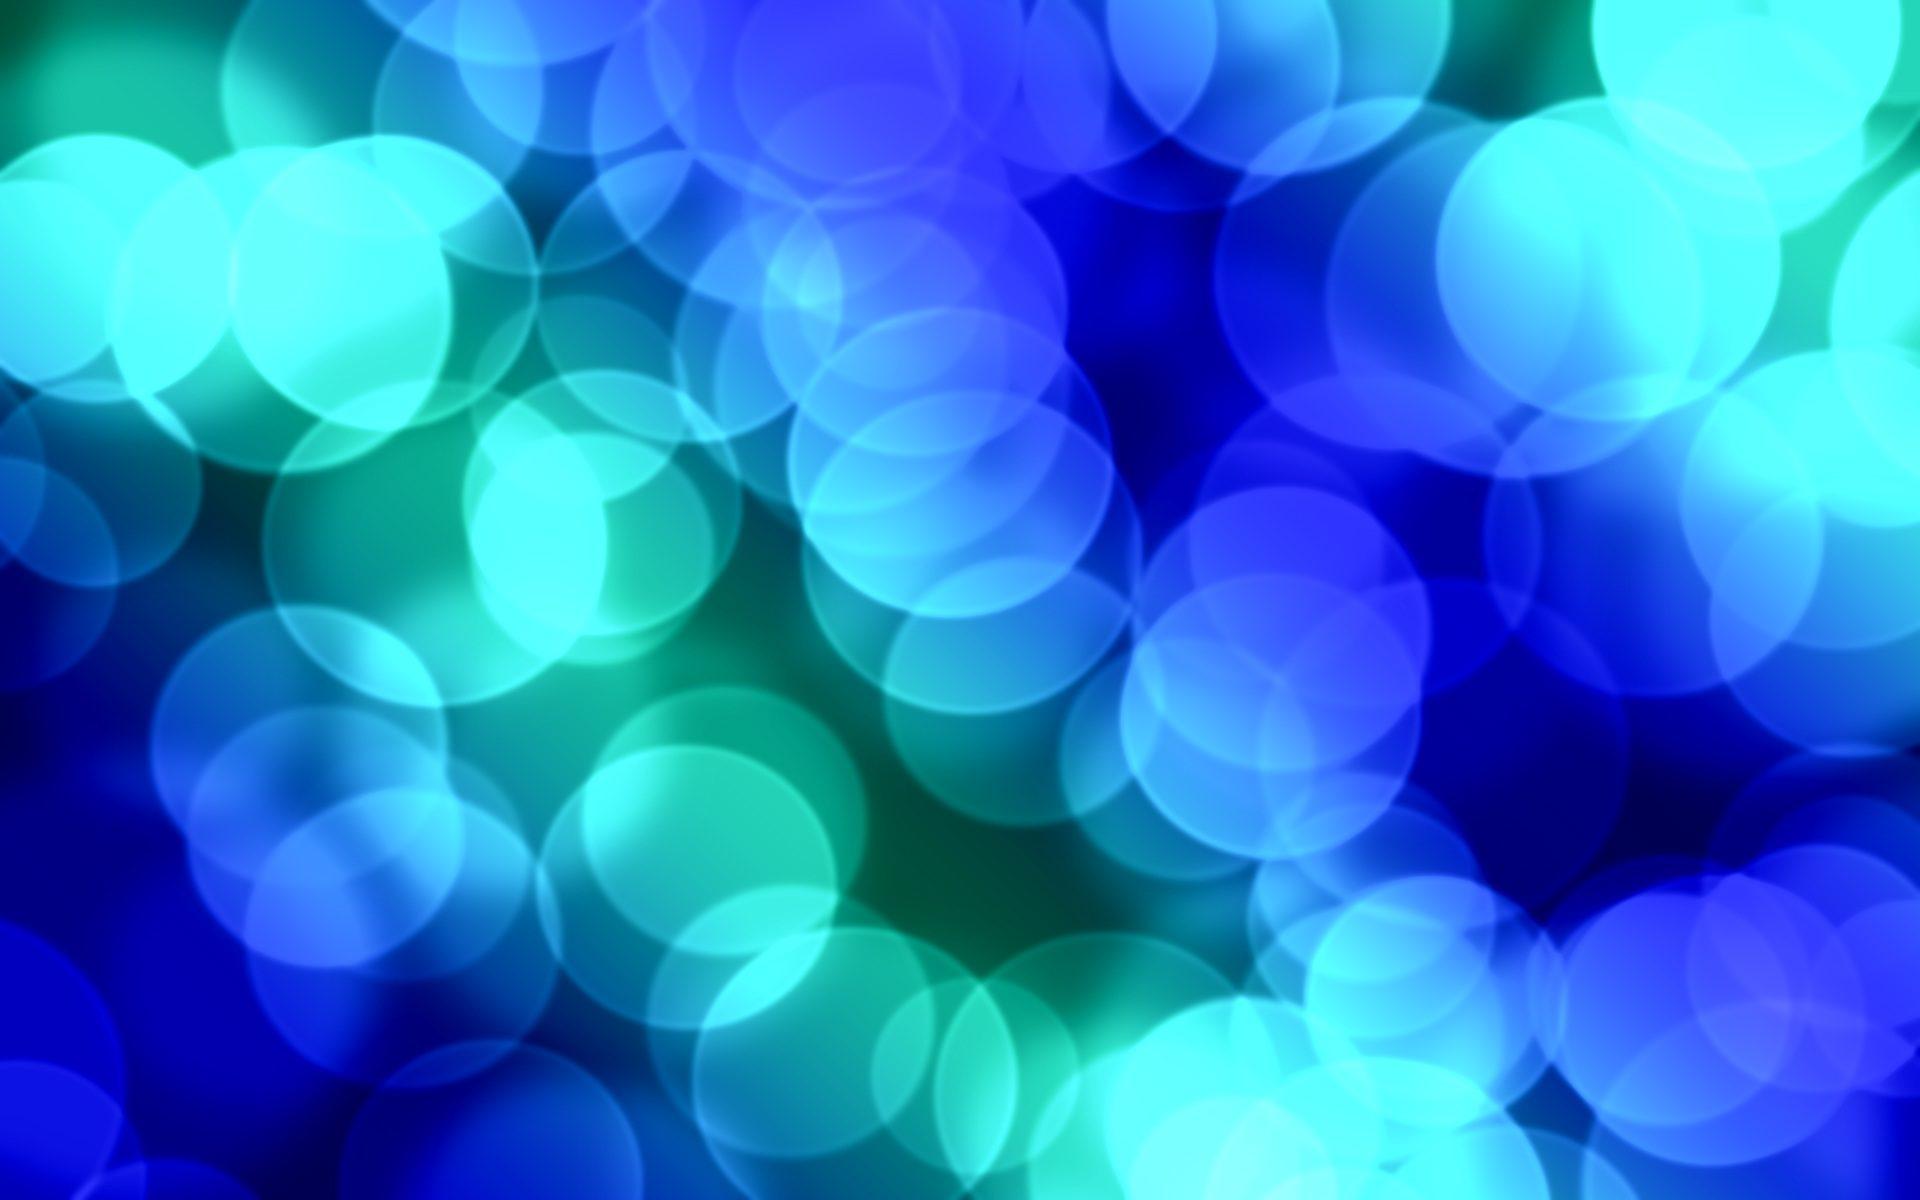 halos, círculos, bokeh, brillos, colorido - Fondos de Pantalla HD - professor-falken.com